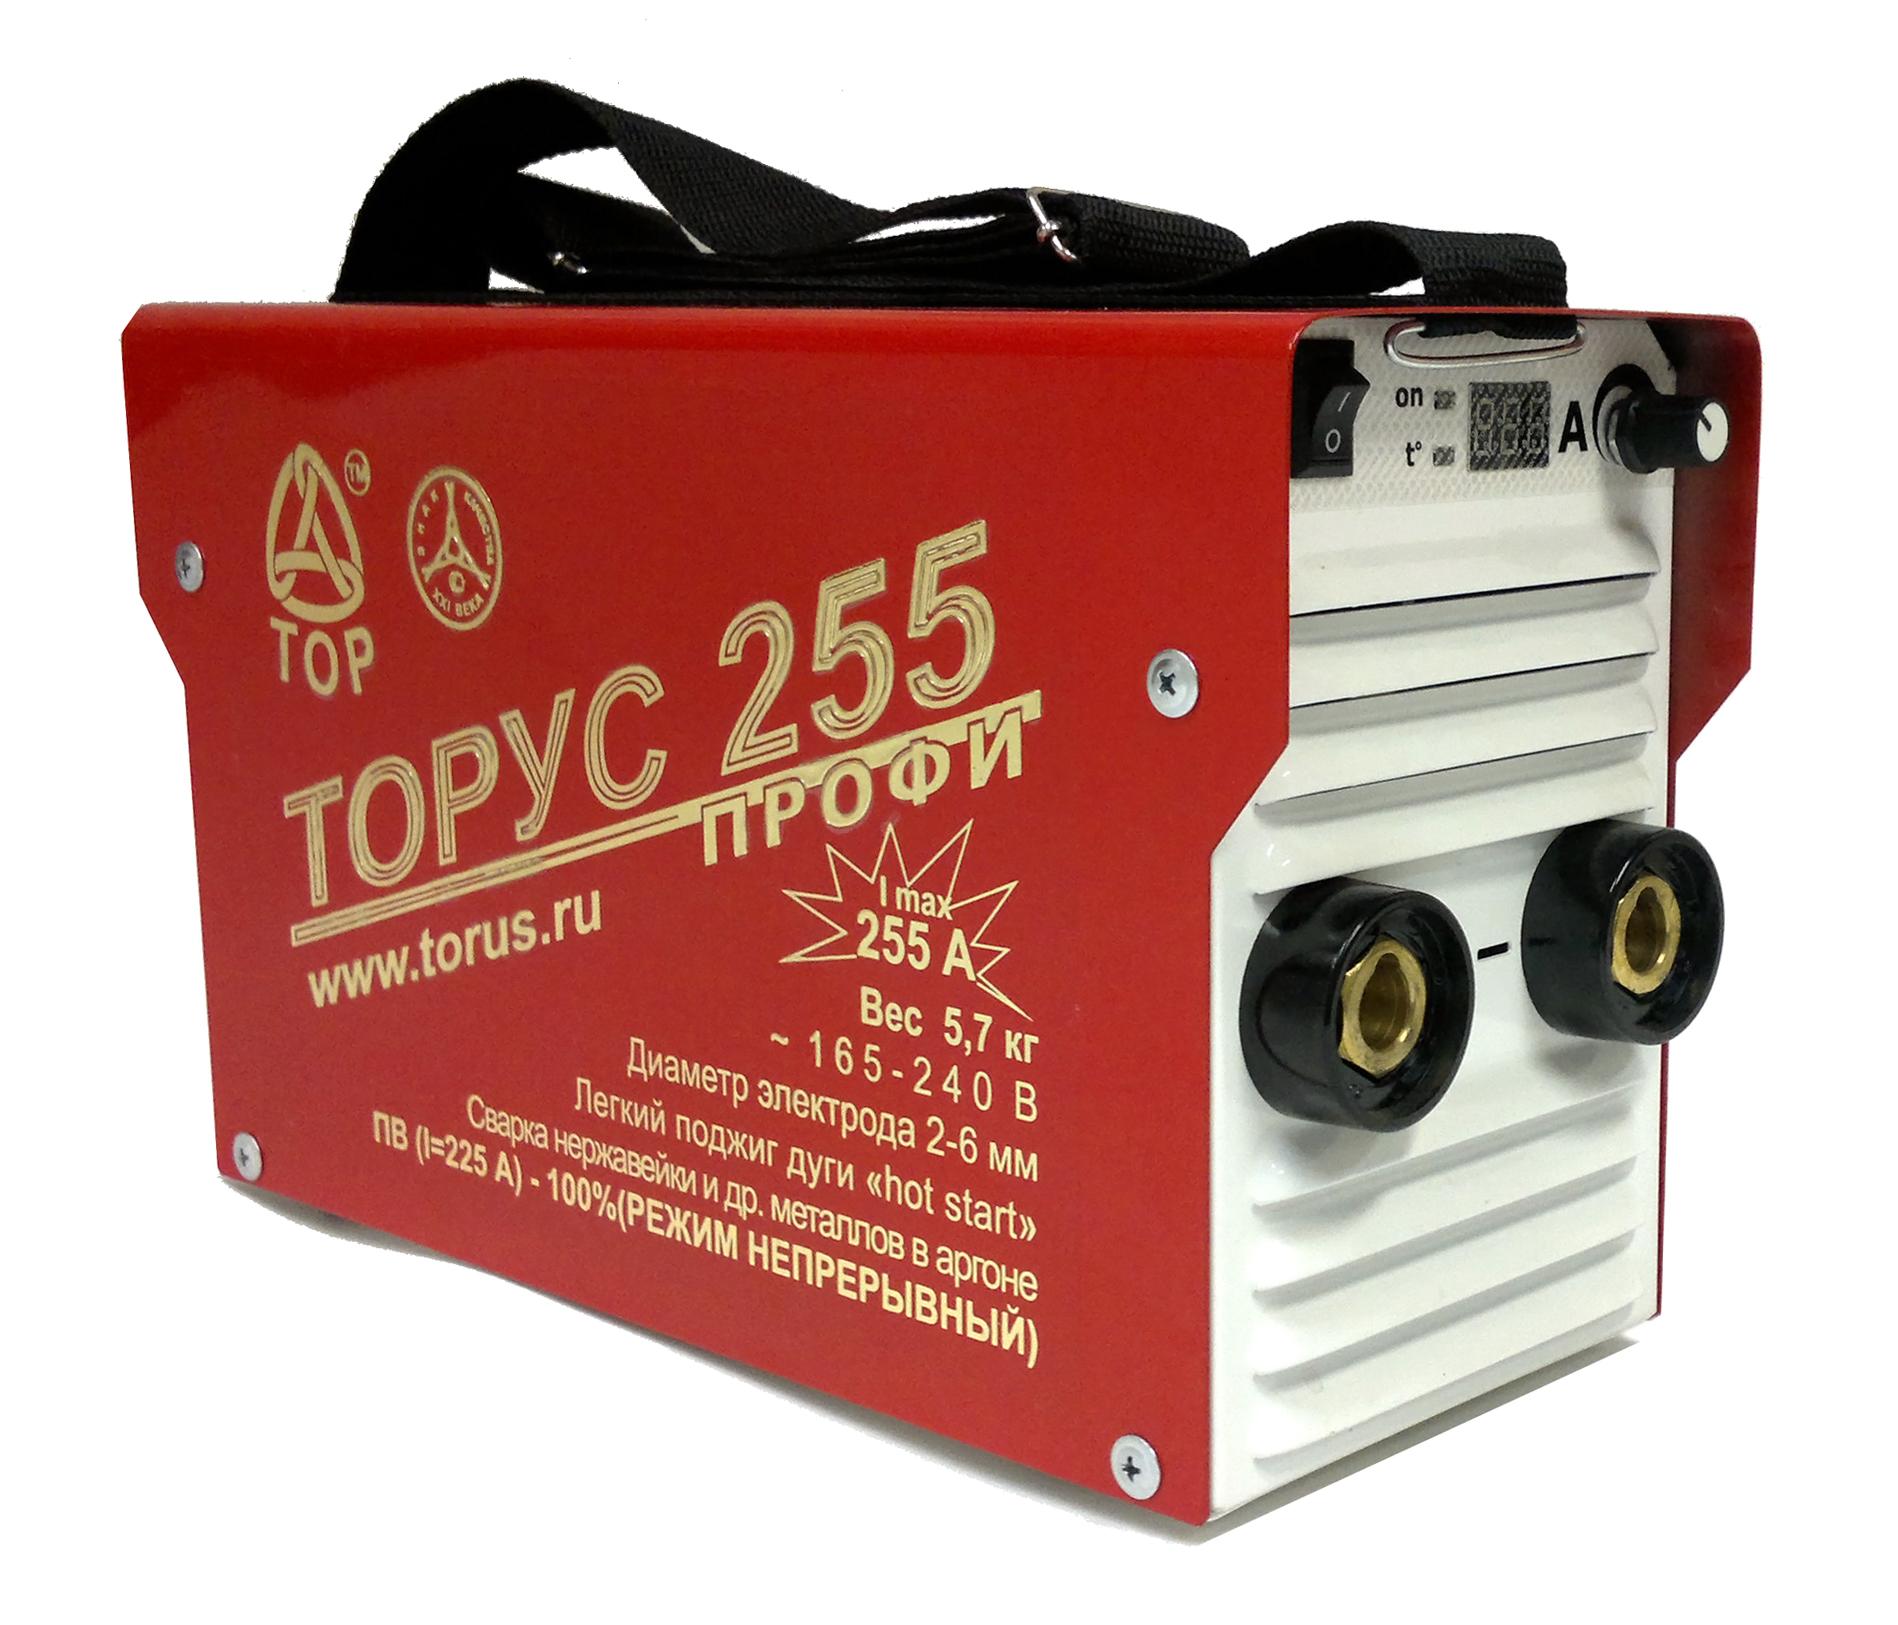 где купить Сварочный аппарат ТОРУС 255 ПРОФИ НАКС по лучшей цене